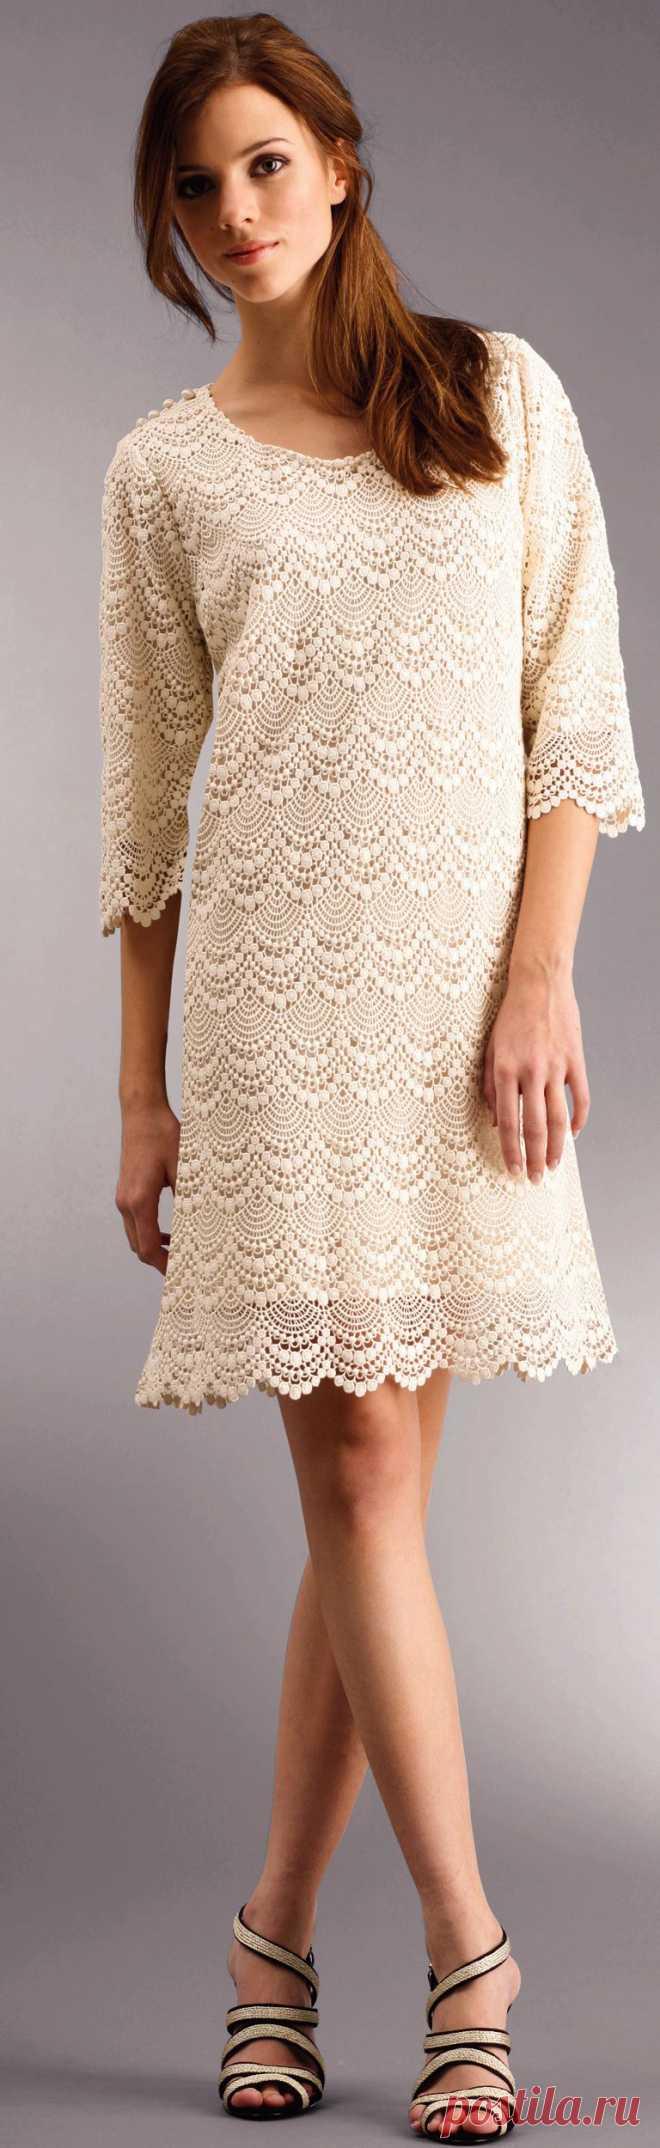 красивое платье крючком.